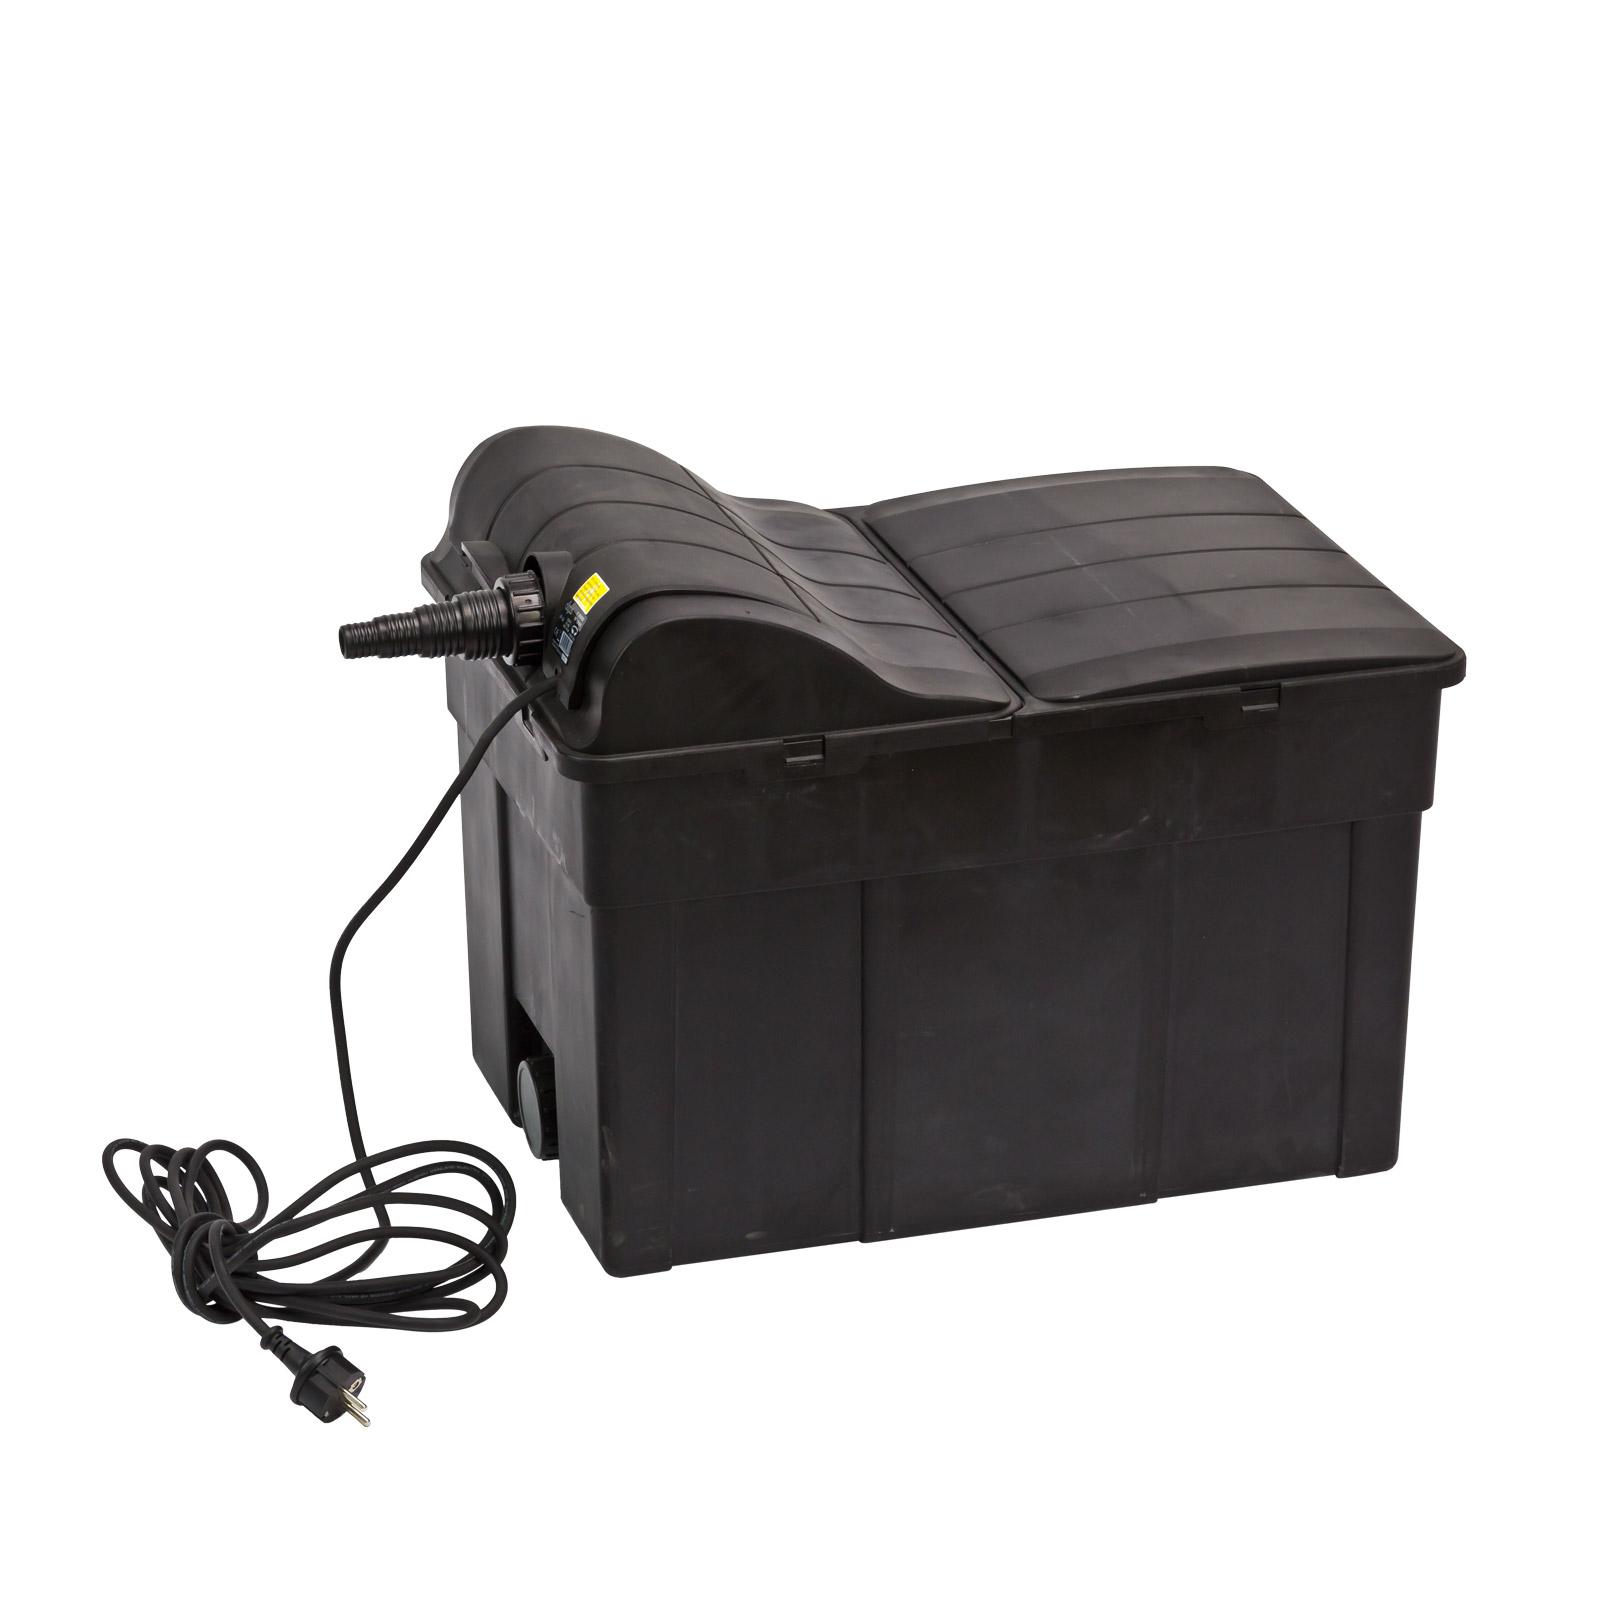 918683 teichfilter uvc druckfilter gartenteichfilter wasserfilter tf 12000 l h. Black Bedroom Furniture Sets. Home Design Ideas